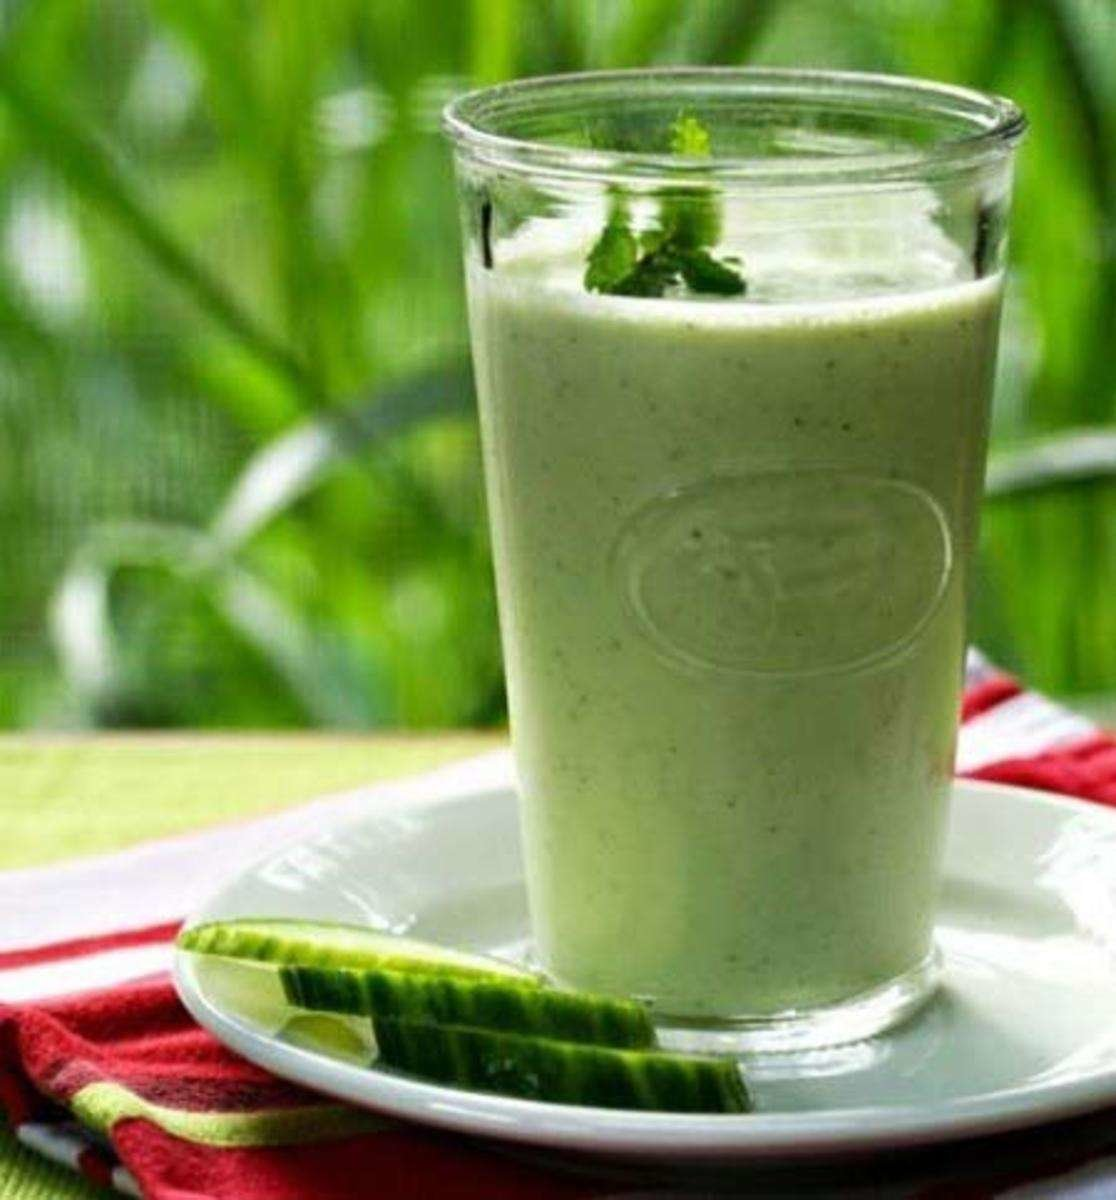 диета на айране и огурцах